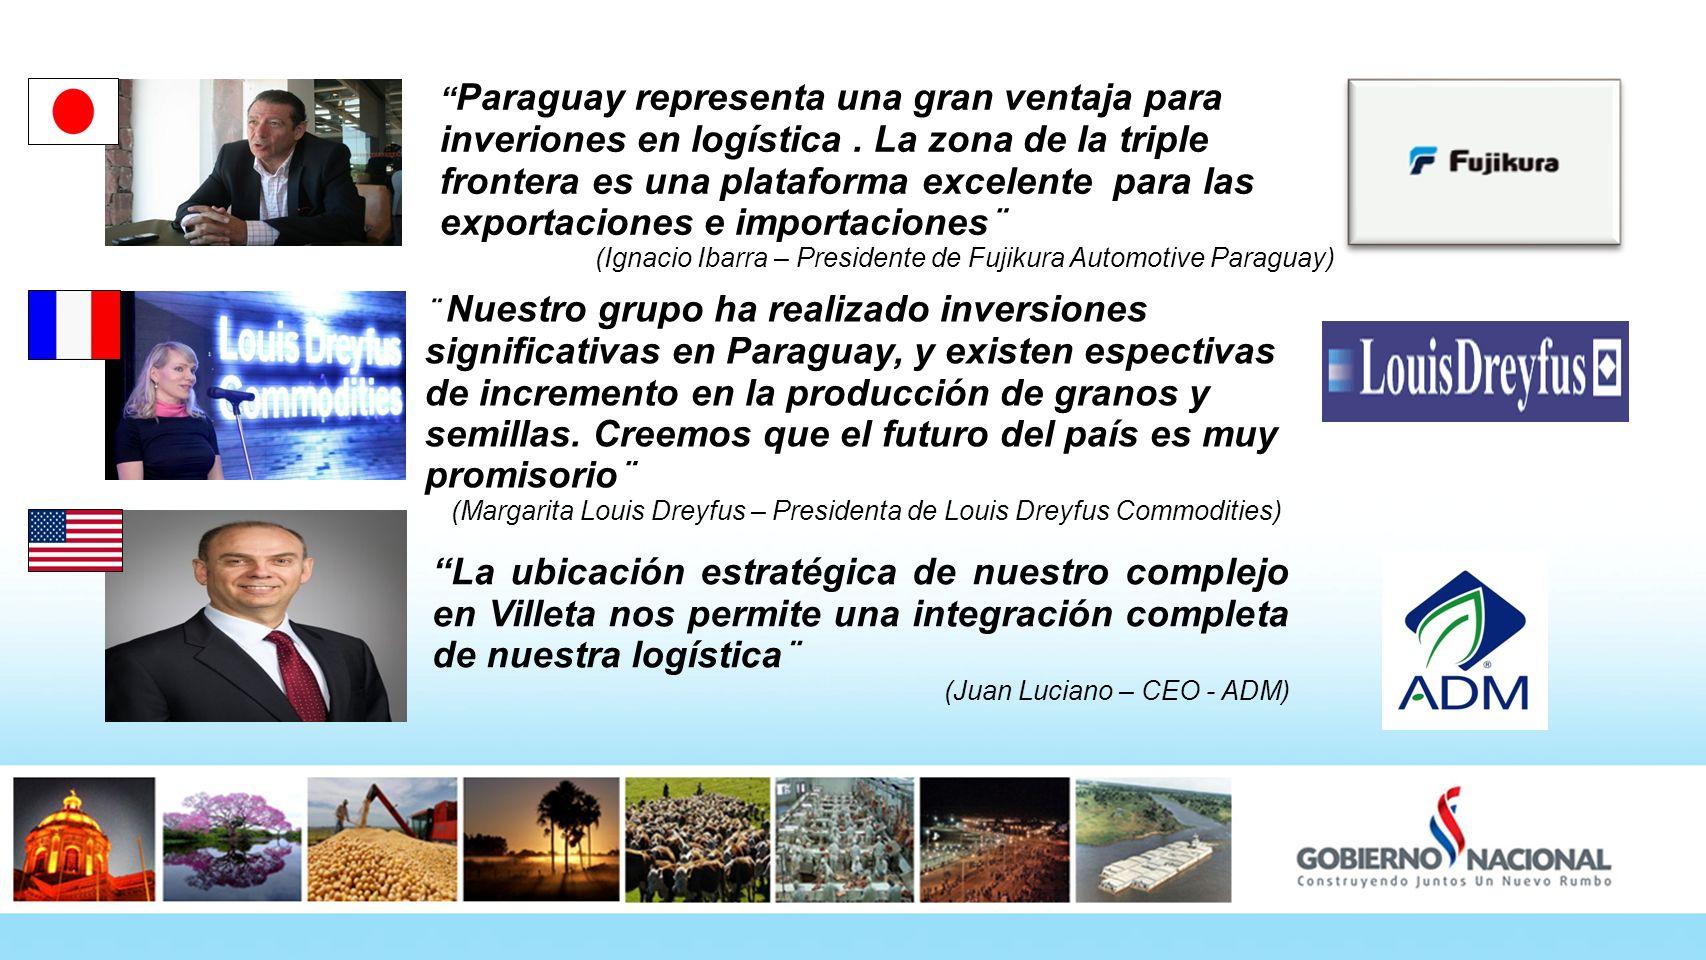 Paraguay representa una gran ventaja para inveriones en logística. La zona de la triple frontera es una plataforma excelente para las exportaciones e